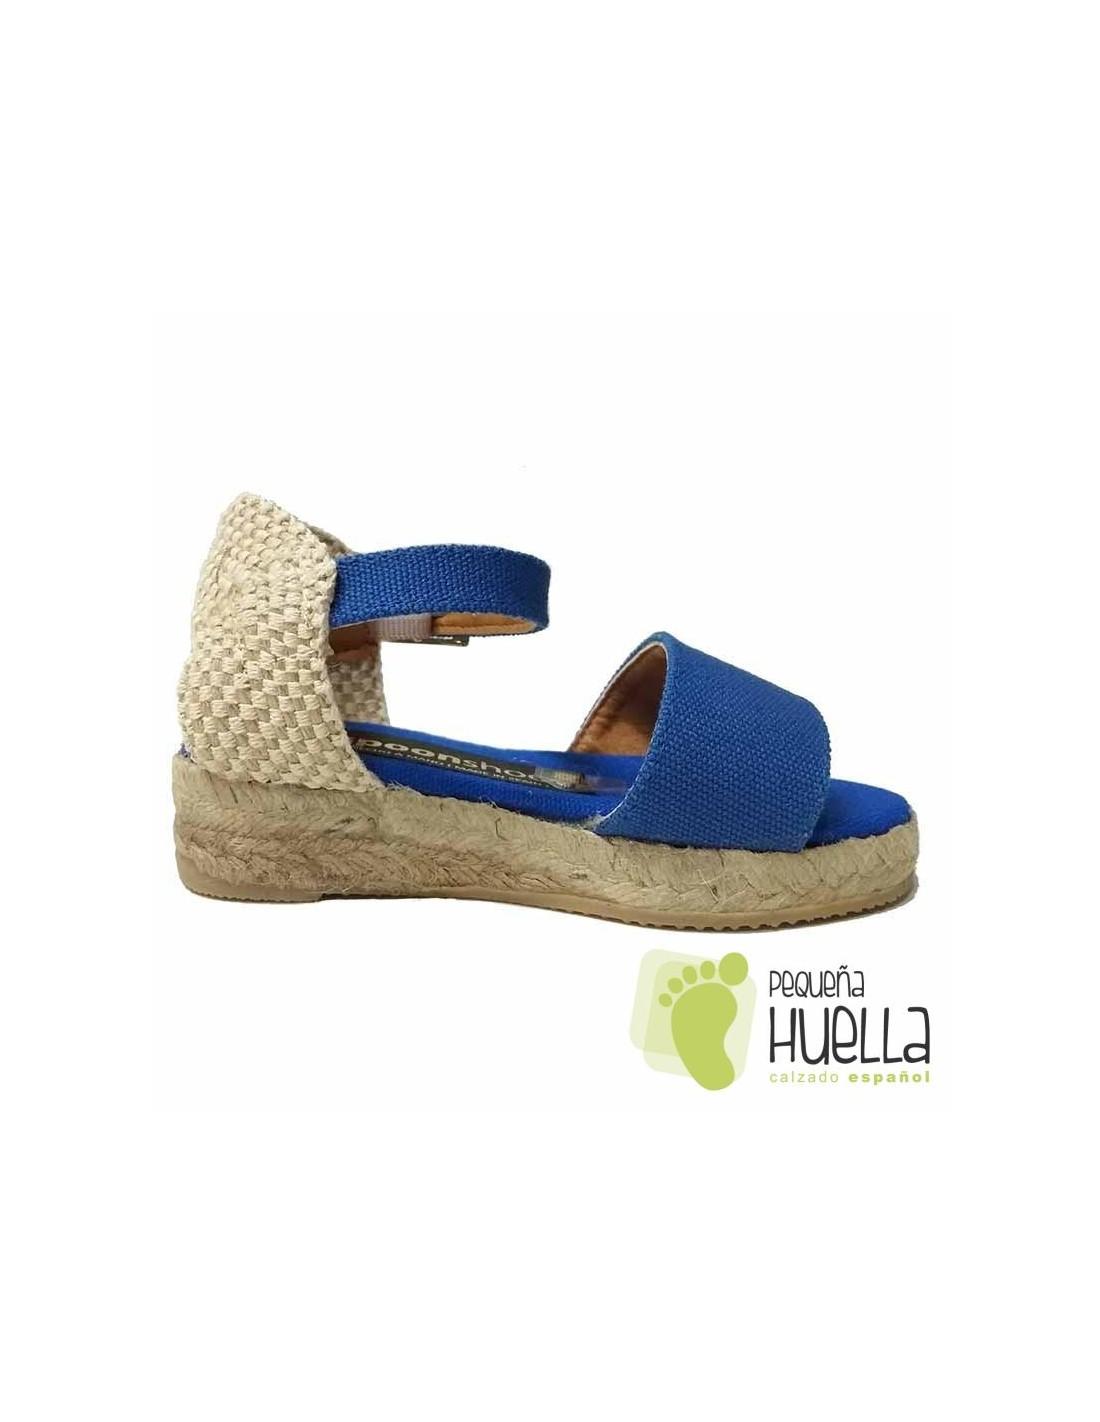 c52eee282 Comprar alpargatas tipo sandalias con cuña de yute para niña y mujer